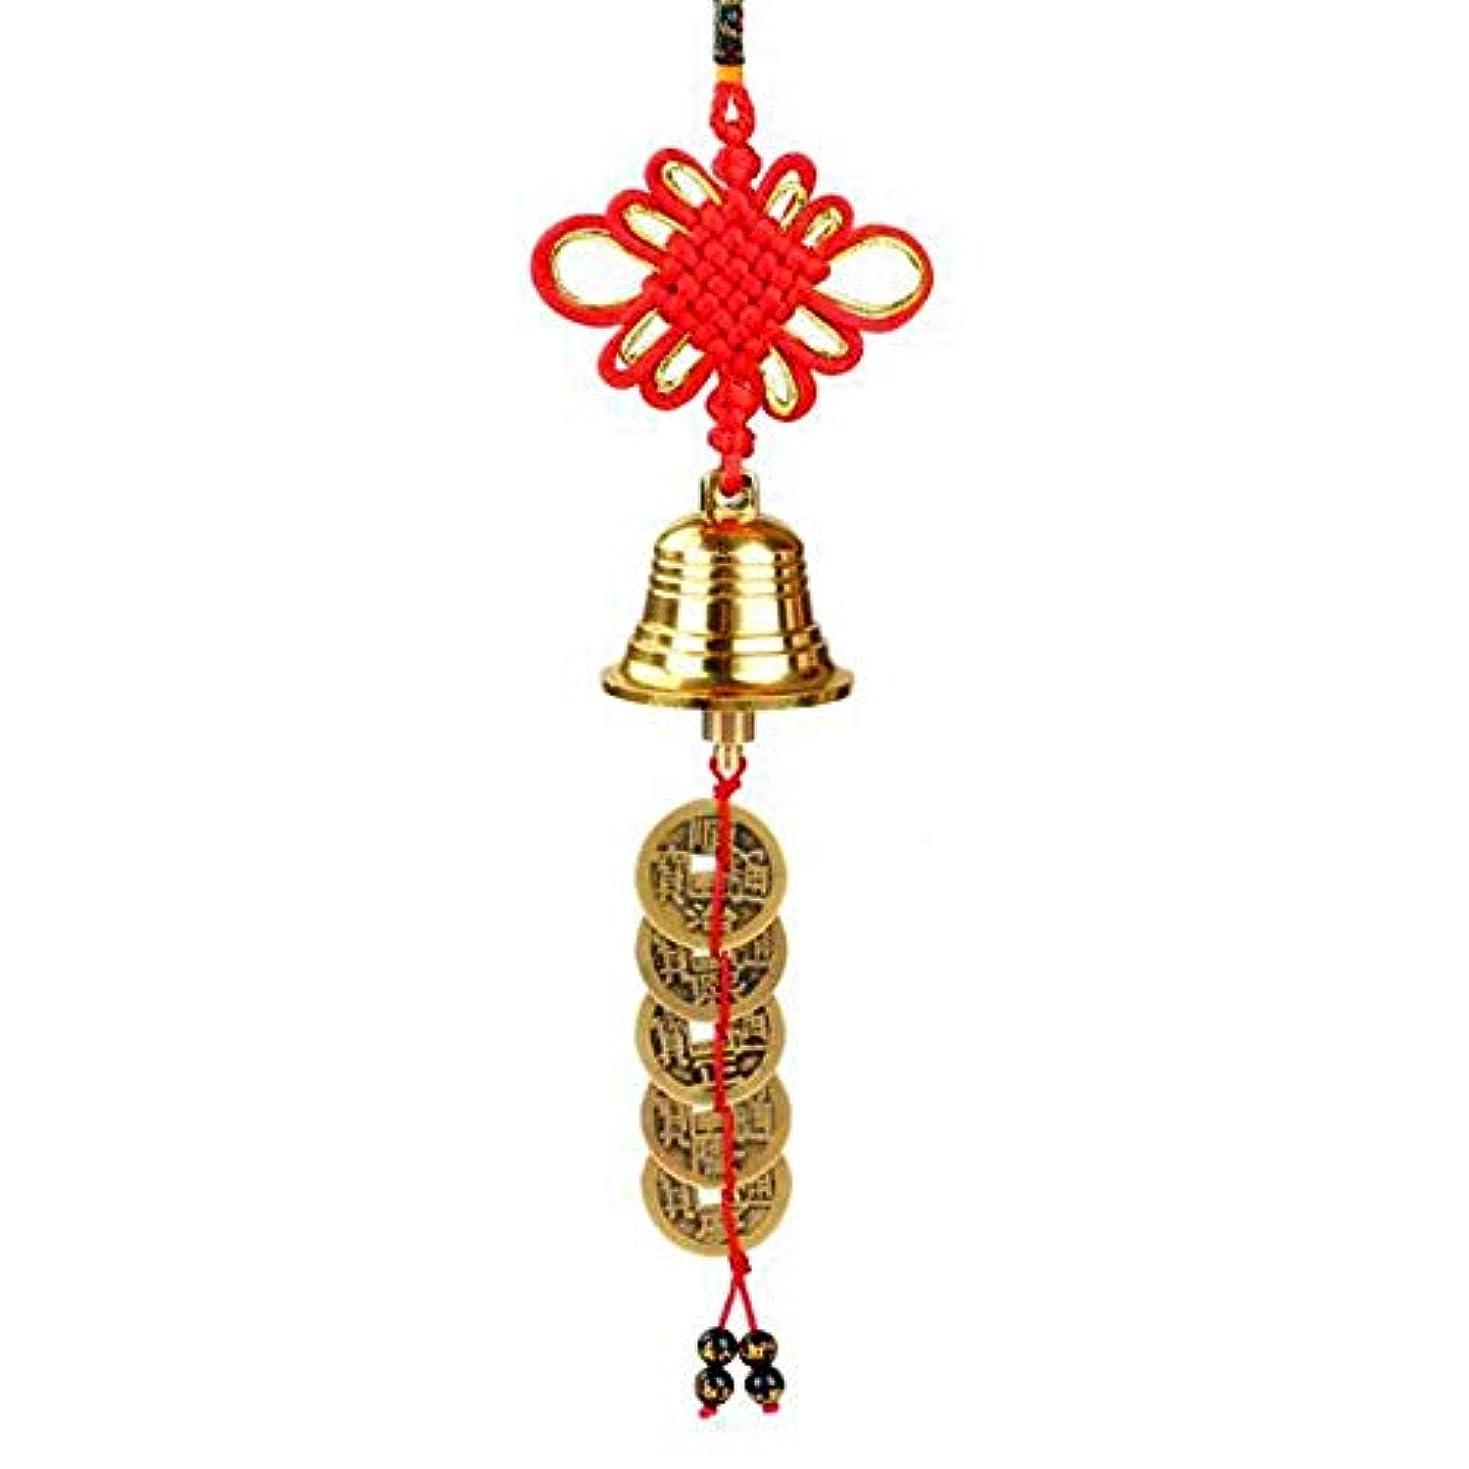 パッケージ誠実シエスタJielongtongxun 風チャイム、中国のノット銅ベルホームデコレーション、ゴールド、サイズ28センチメートル,絶妙な飾り (Size : 28*3.8cm)